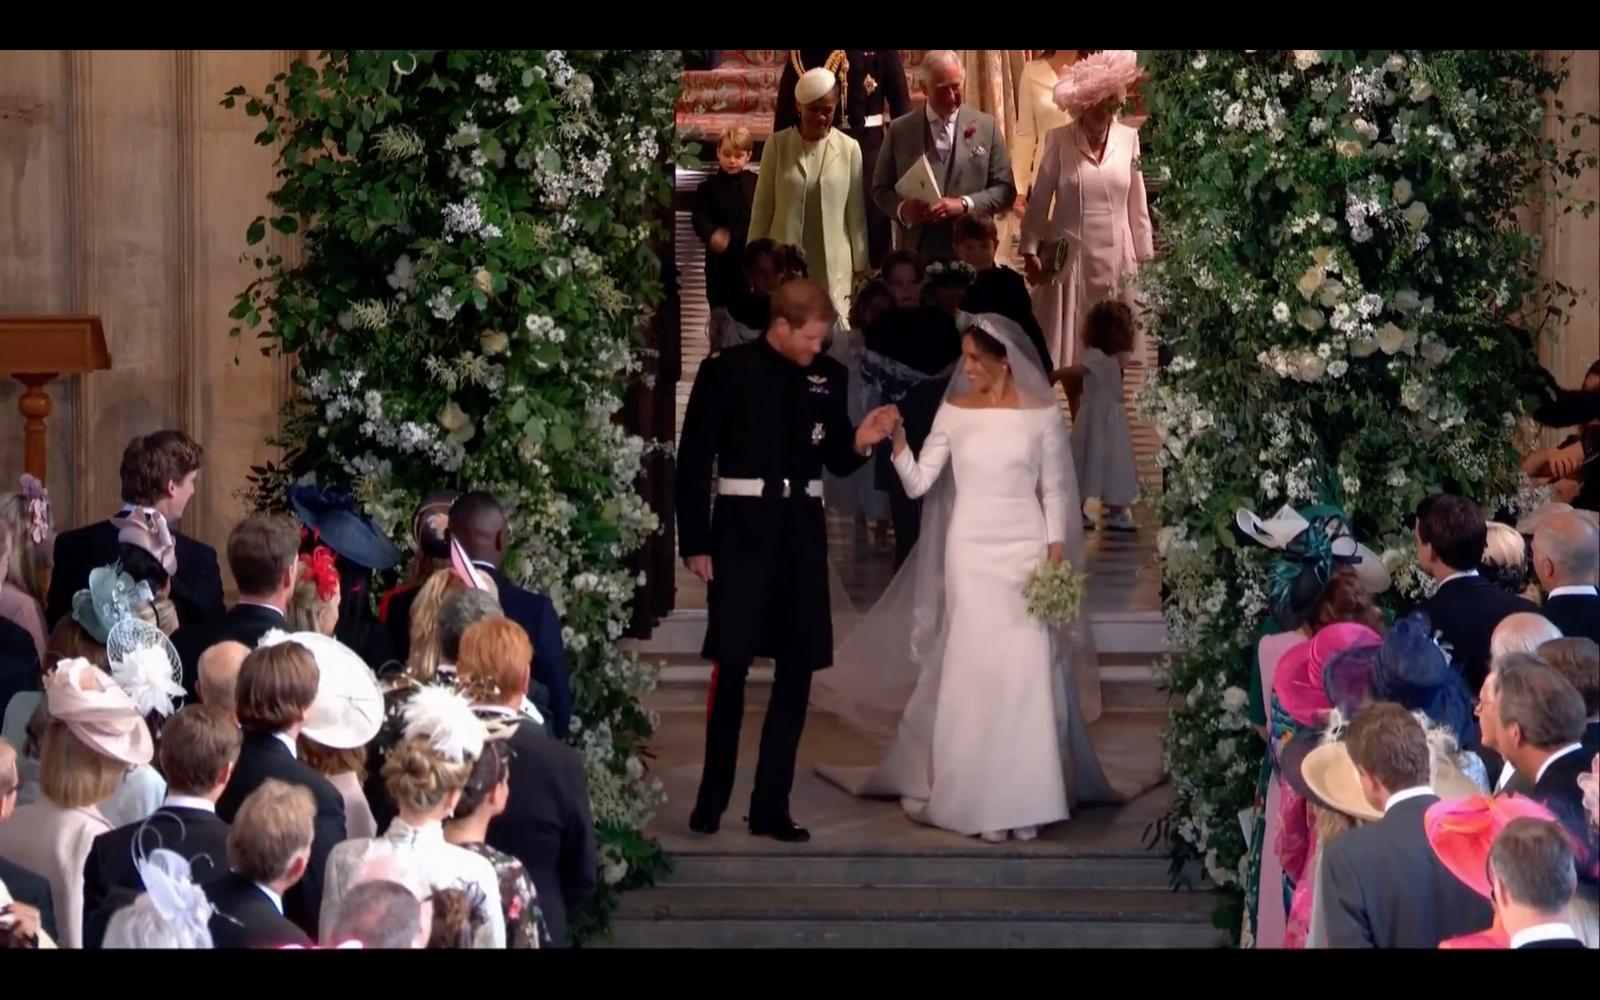 Kráľovská svadba Meghan a Harryho - Obrázok č. 94